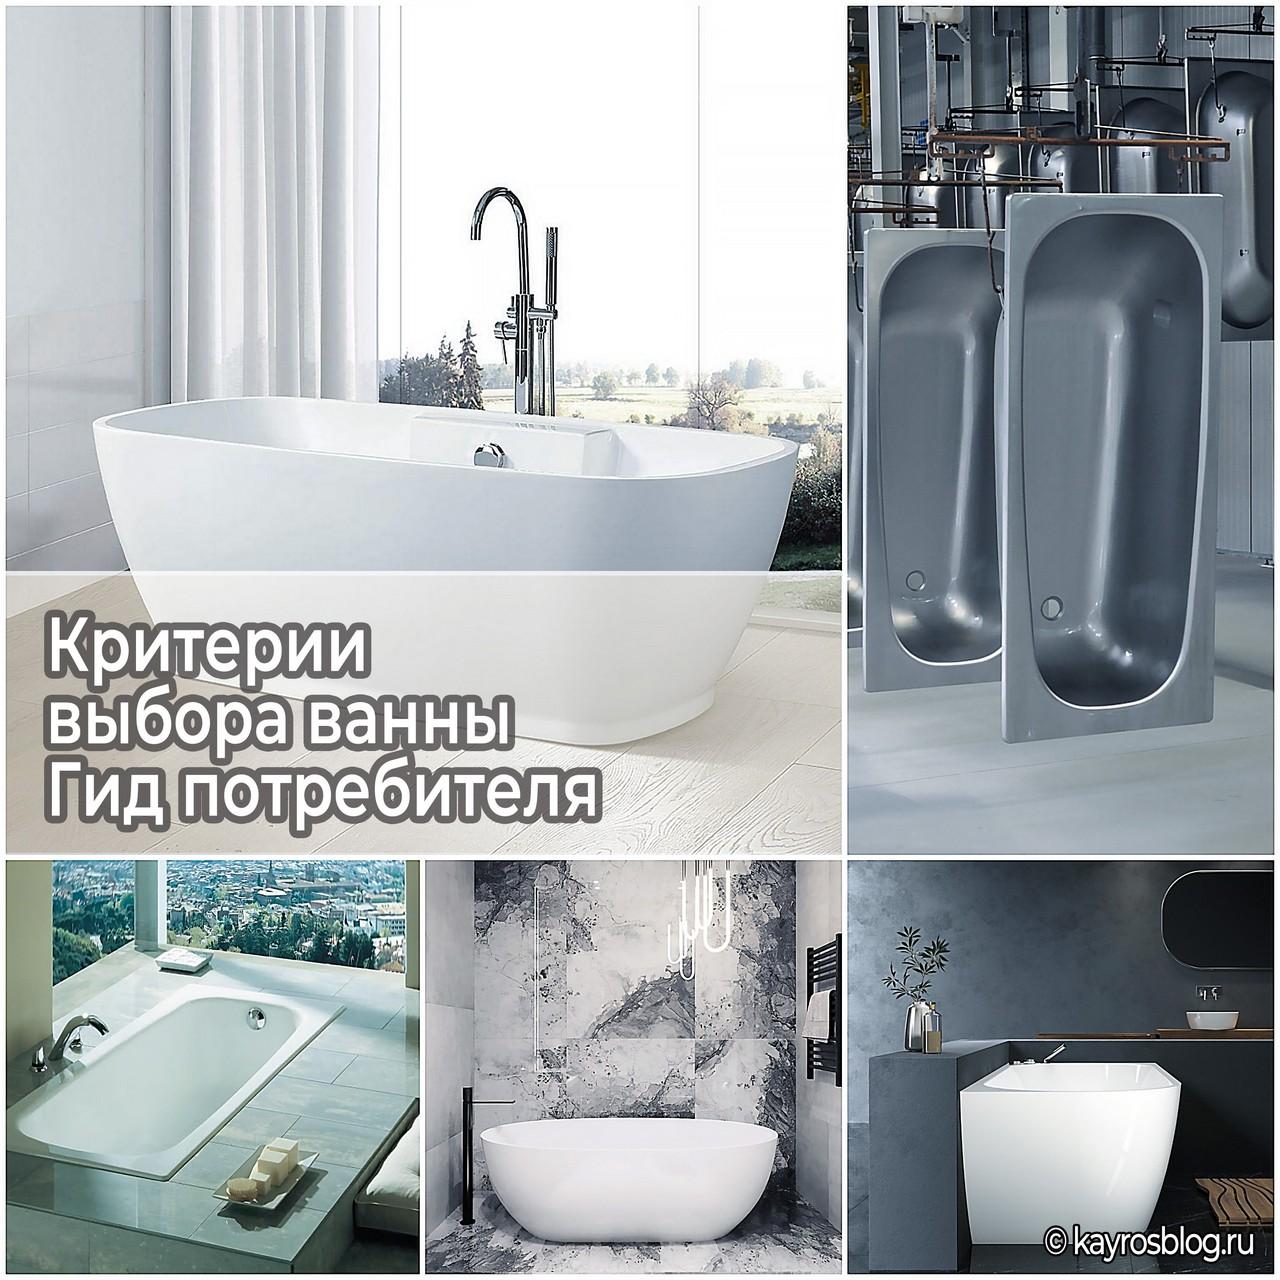 Критерии выбора ванны - Гид потребителя